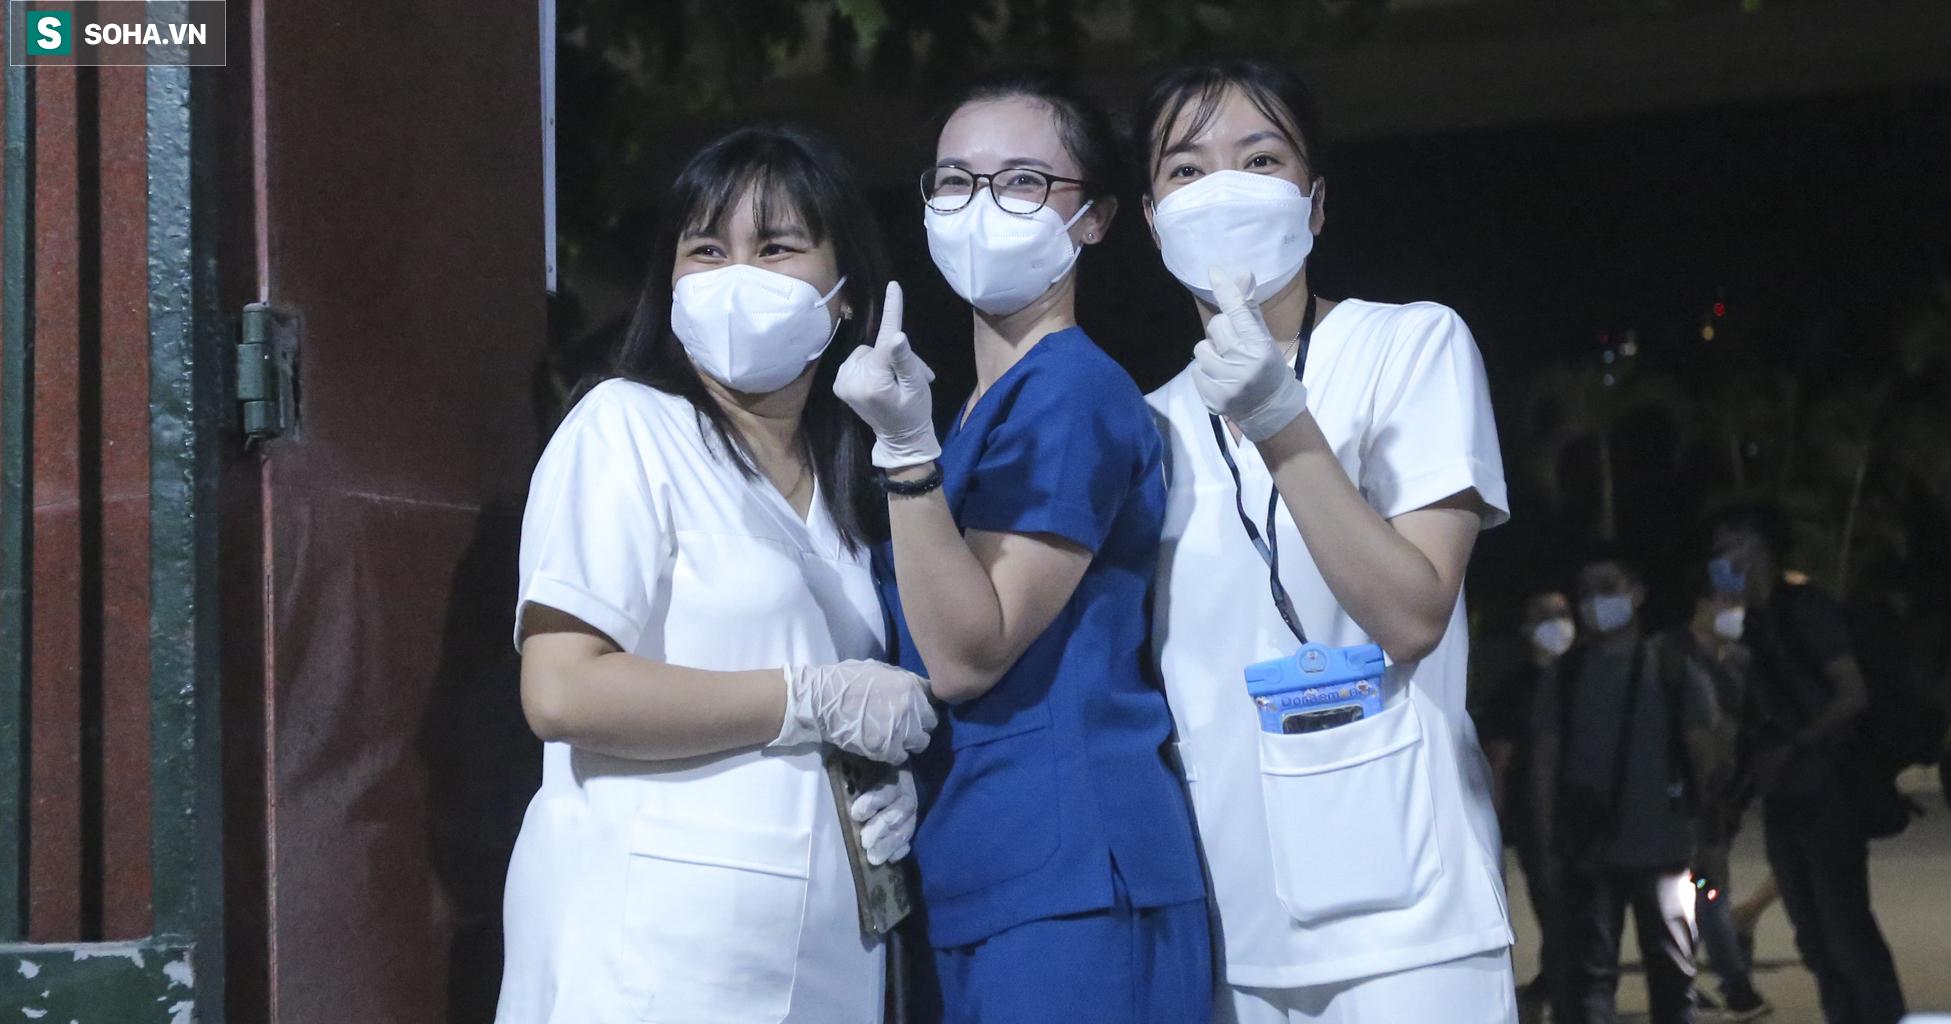 Hà Nội: Dỡ phong toả ổ dịch Thanh Xuân Trung, nhân viên y tế vui mừng bật khóc nức nở - Ảnh 3.